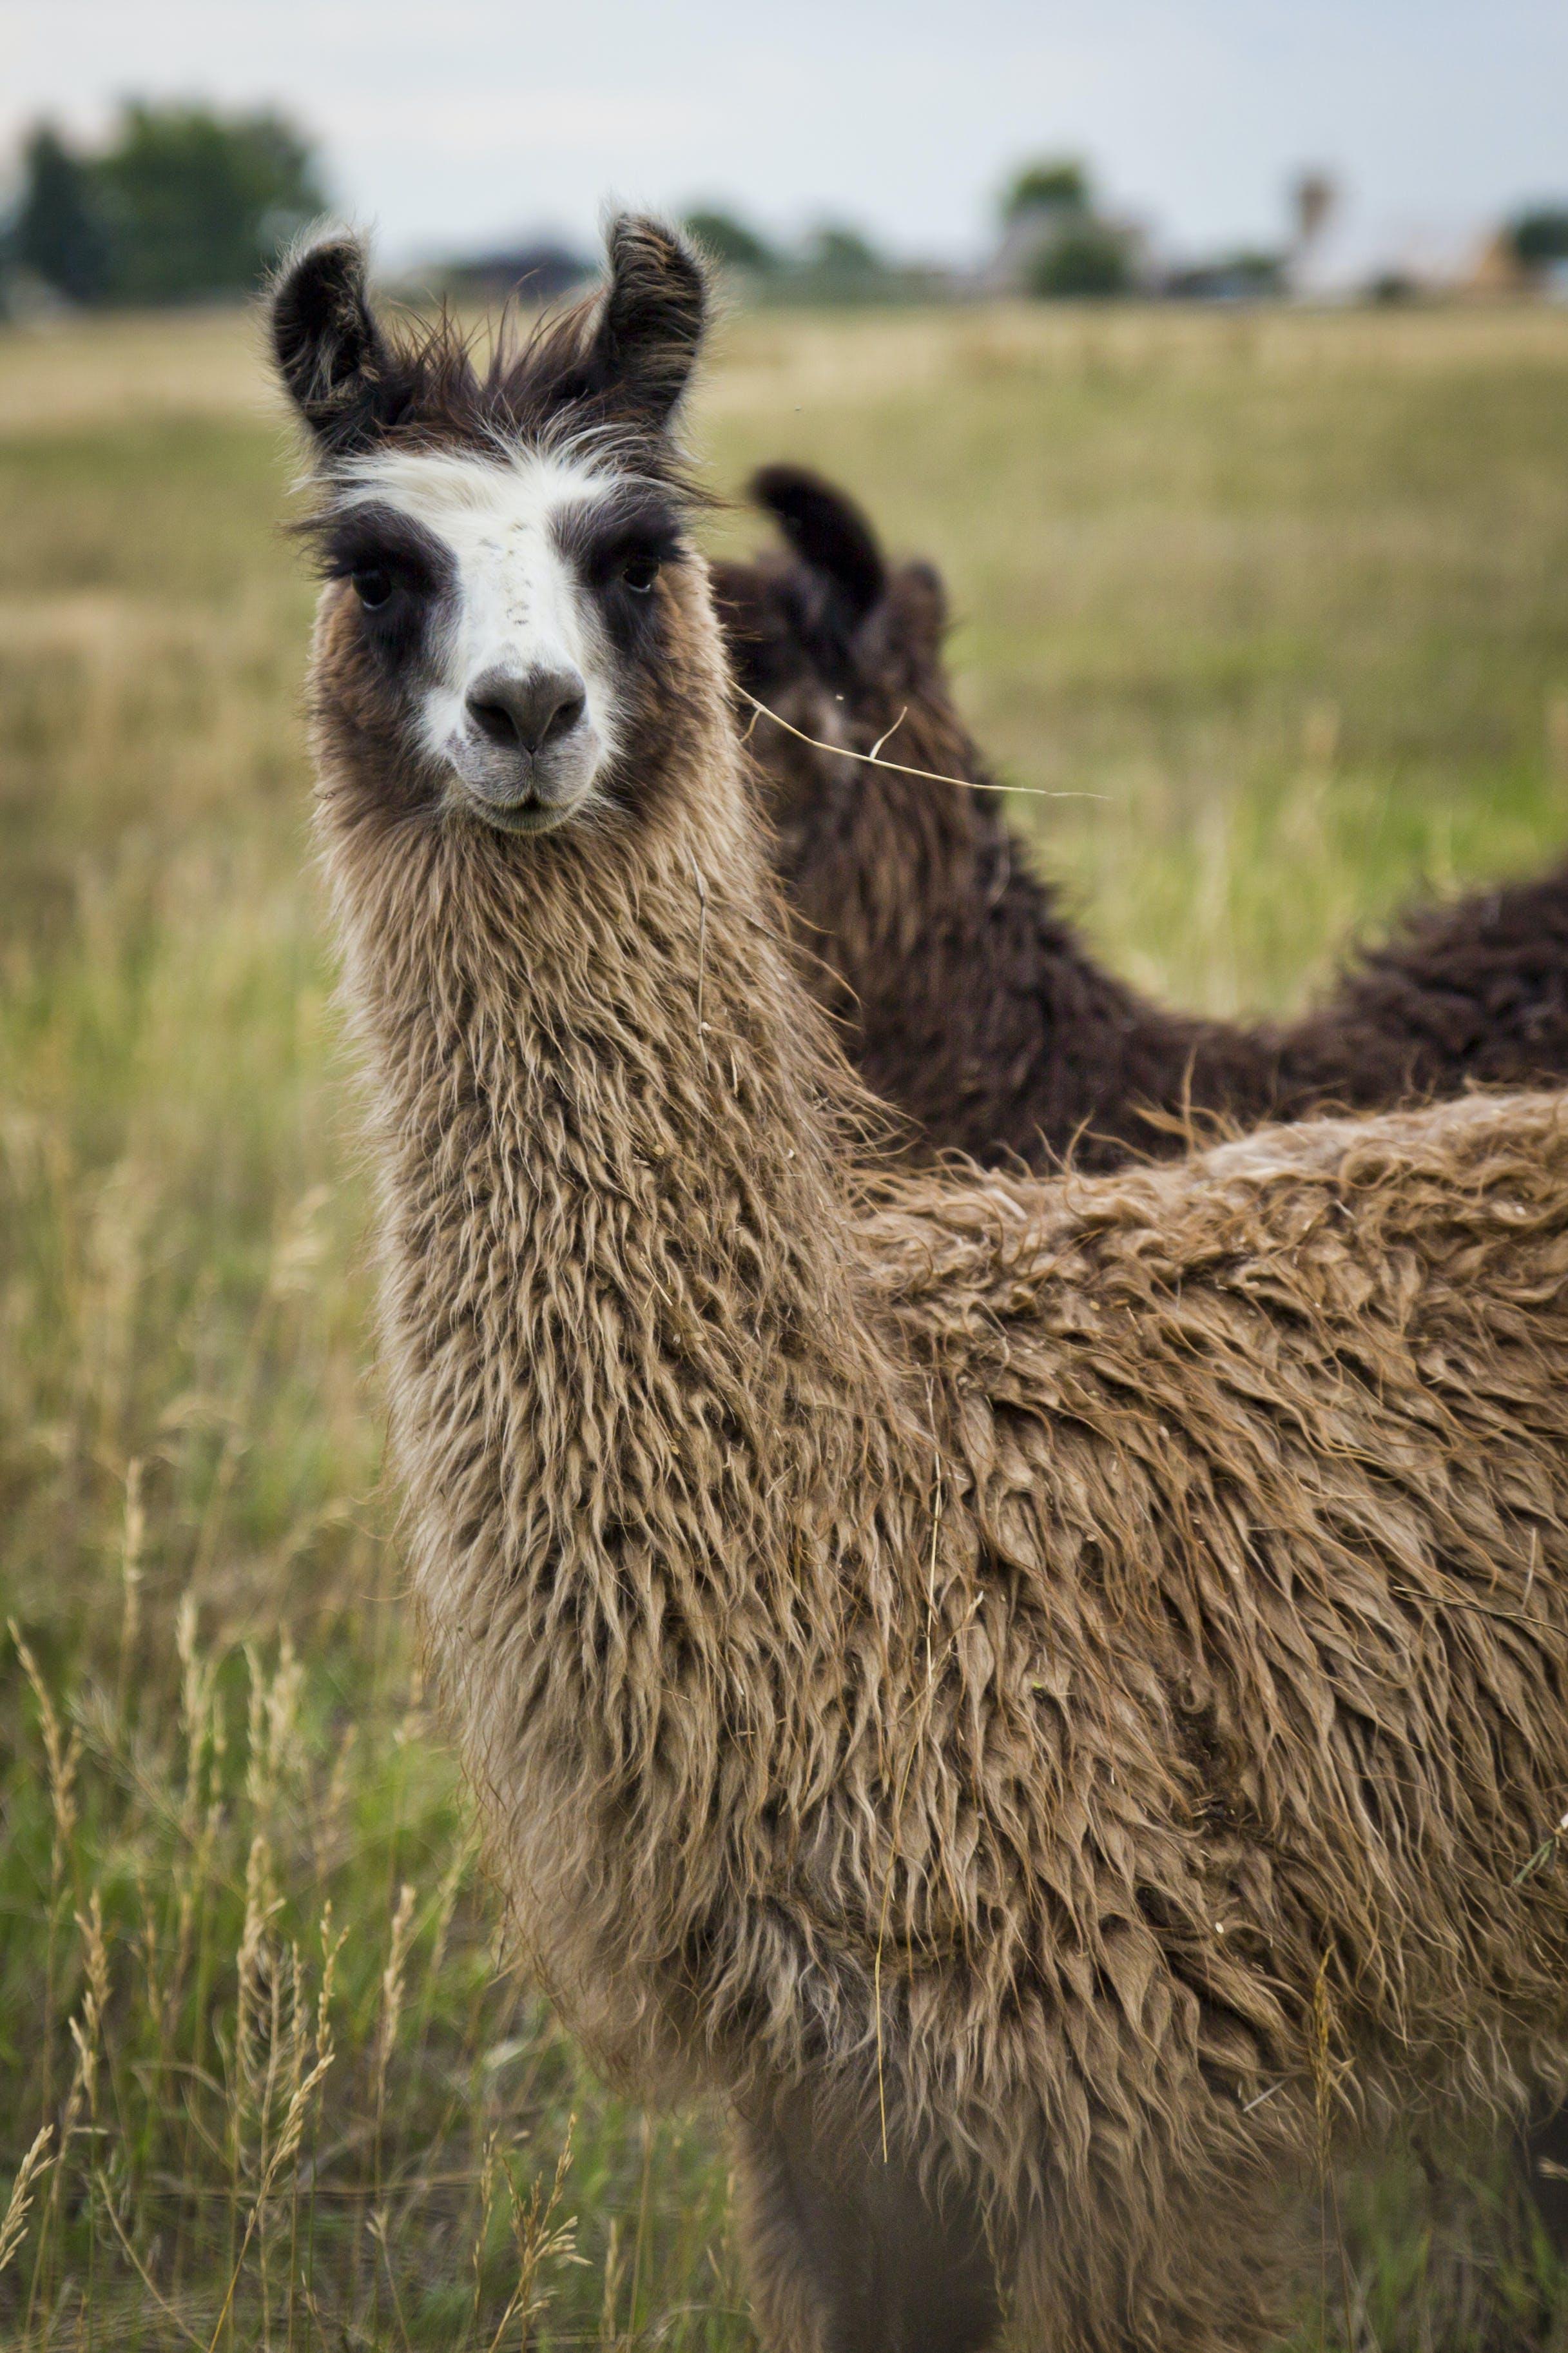 Δωρεάν στοκ φωτογραφιών με llamas, λάμα, λάμα στο πεδίο